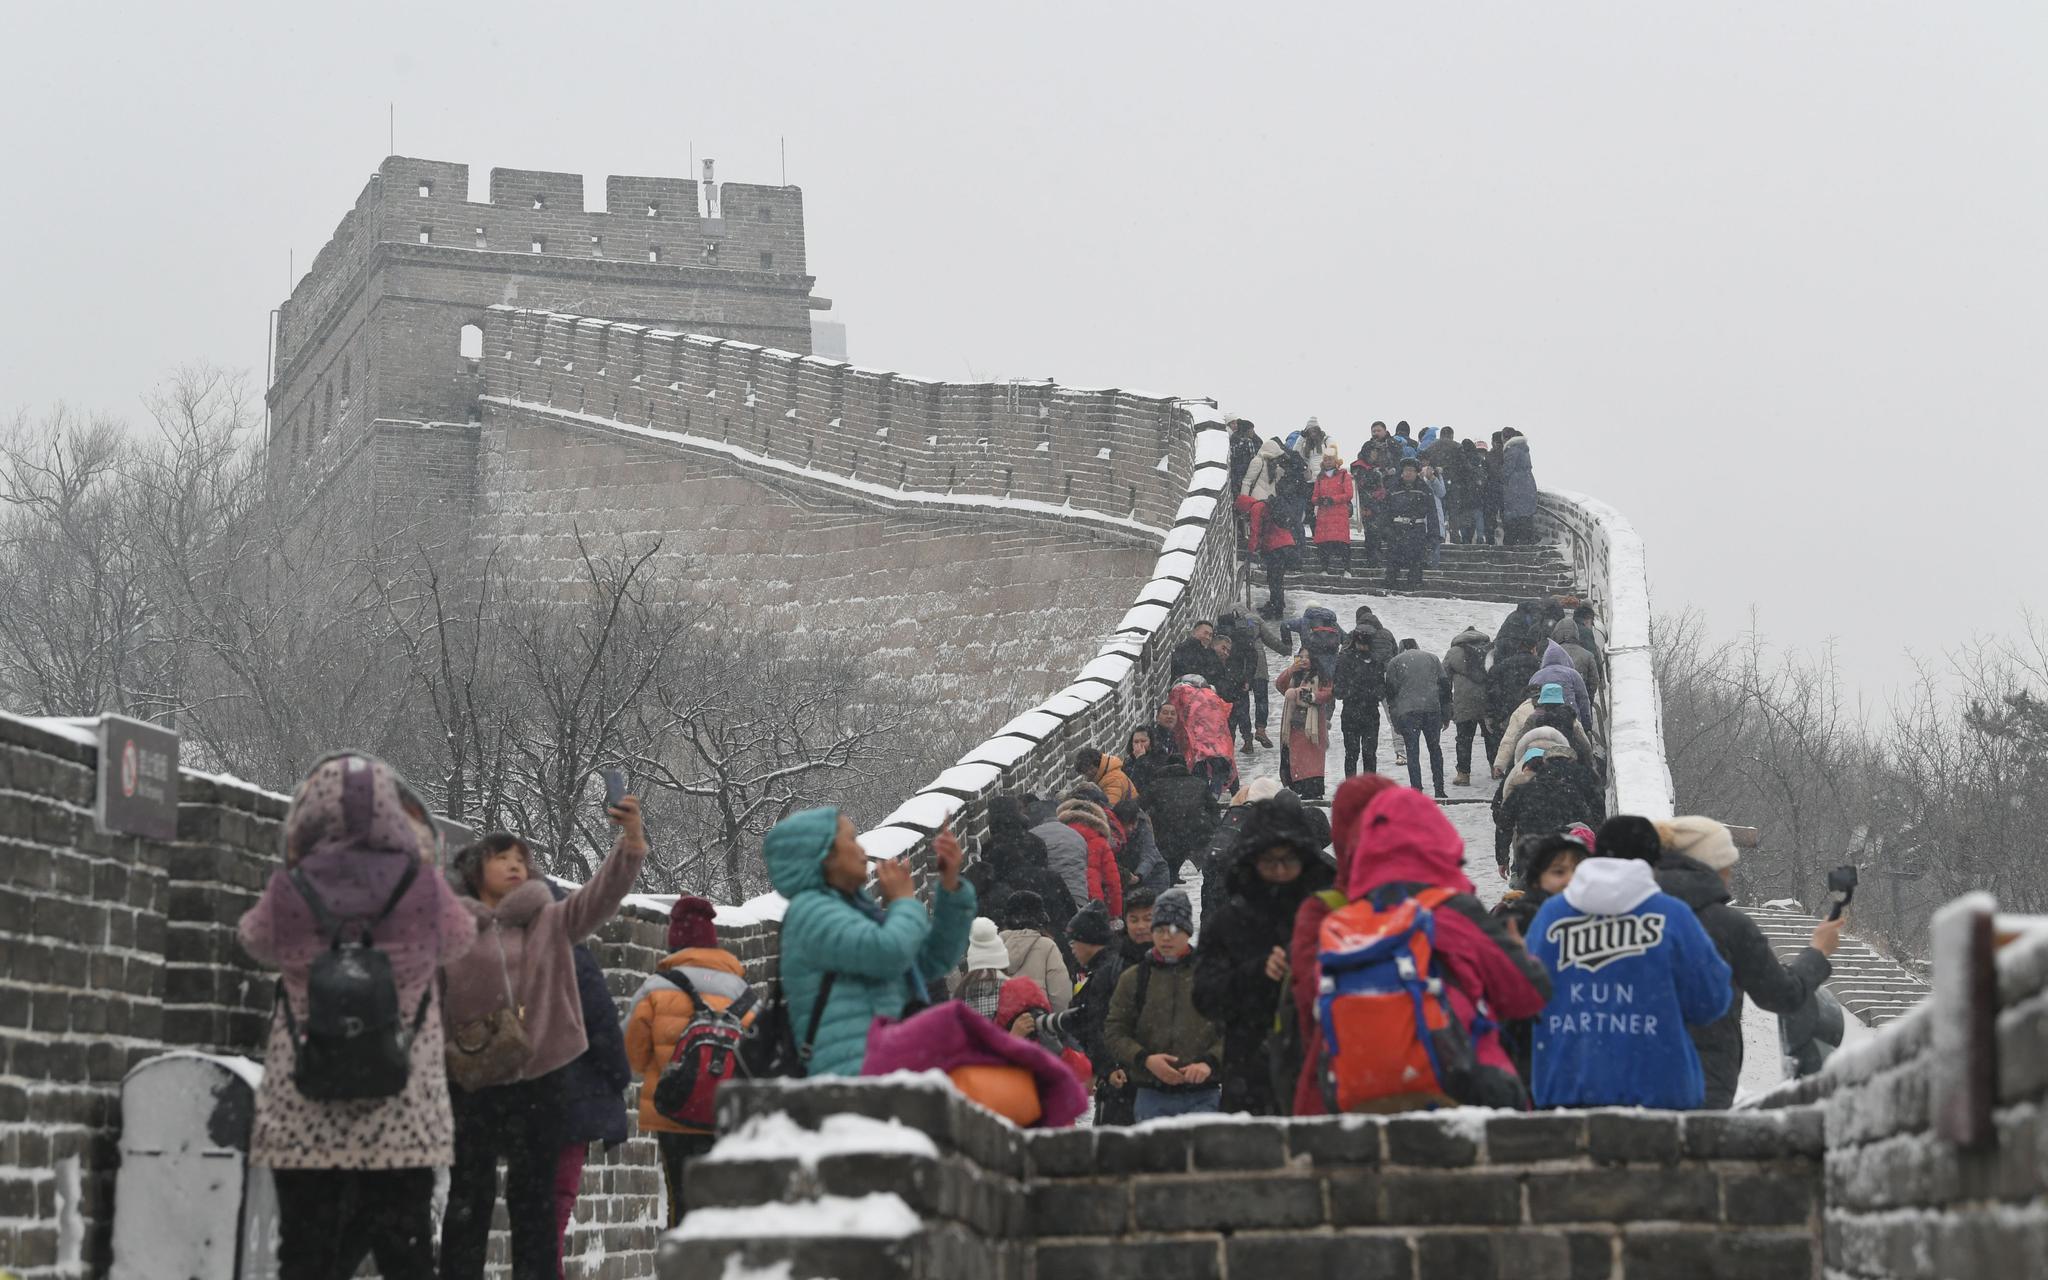 图集丨长城内外白雪茫茫游客雪中游延庆八达岭